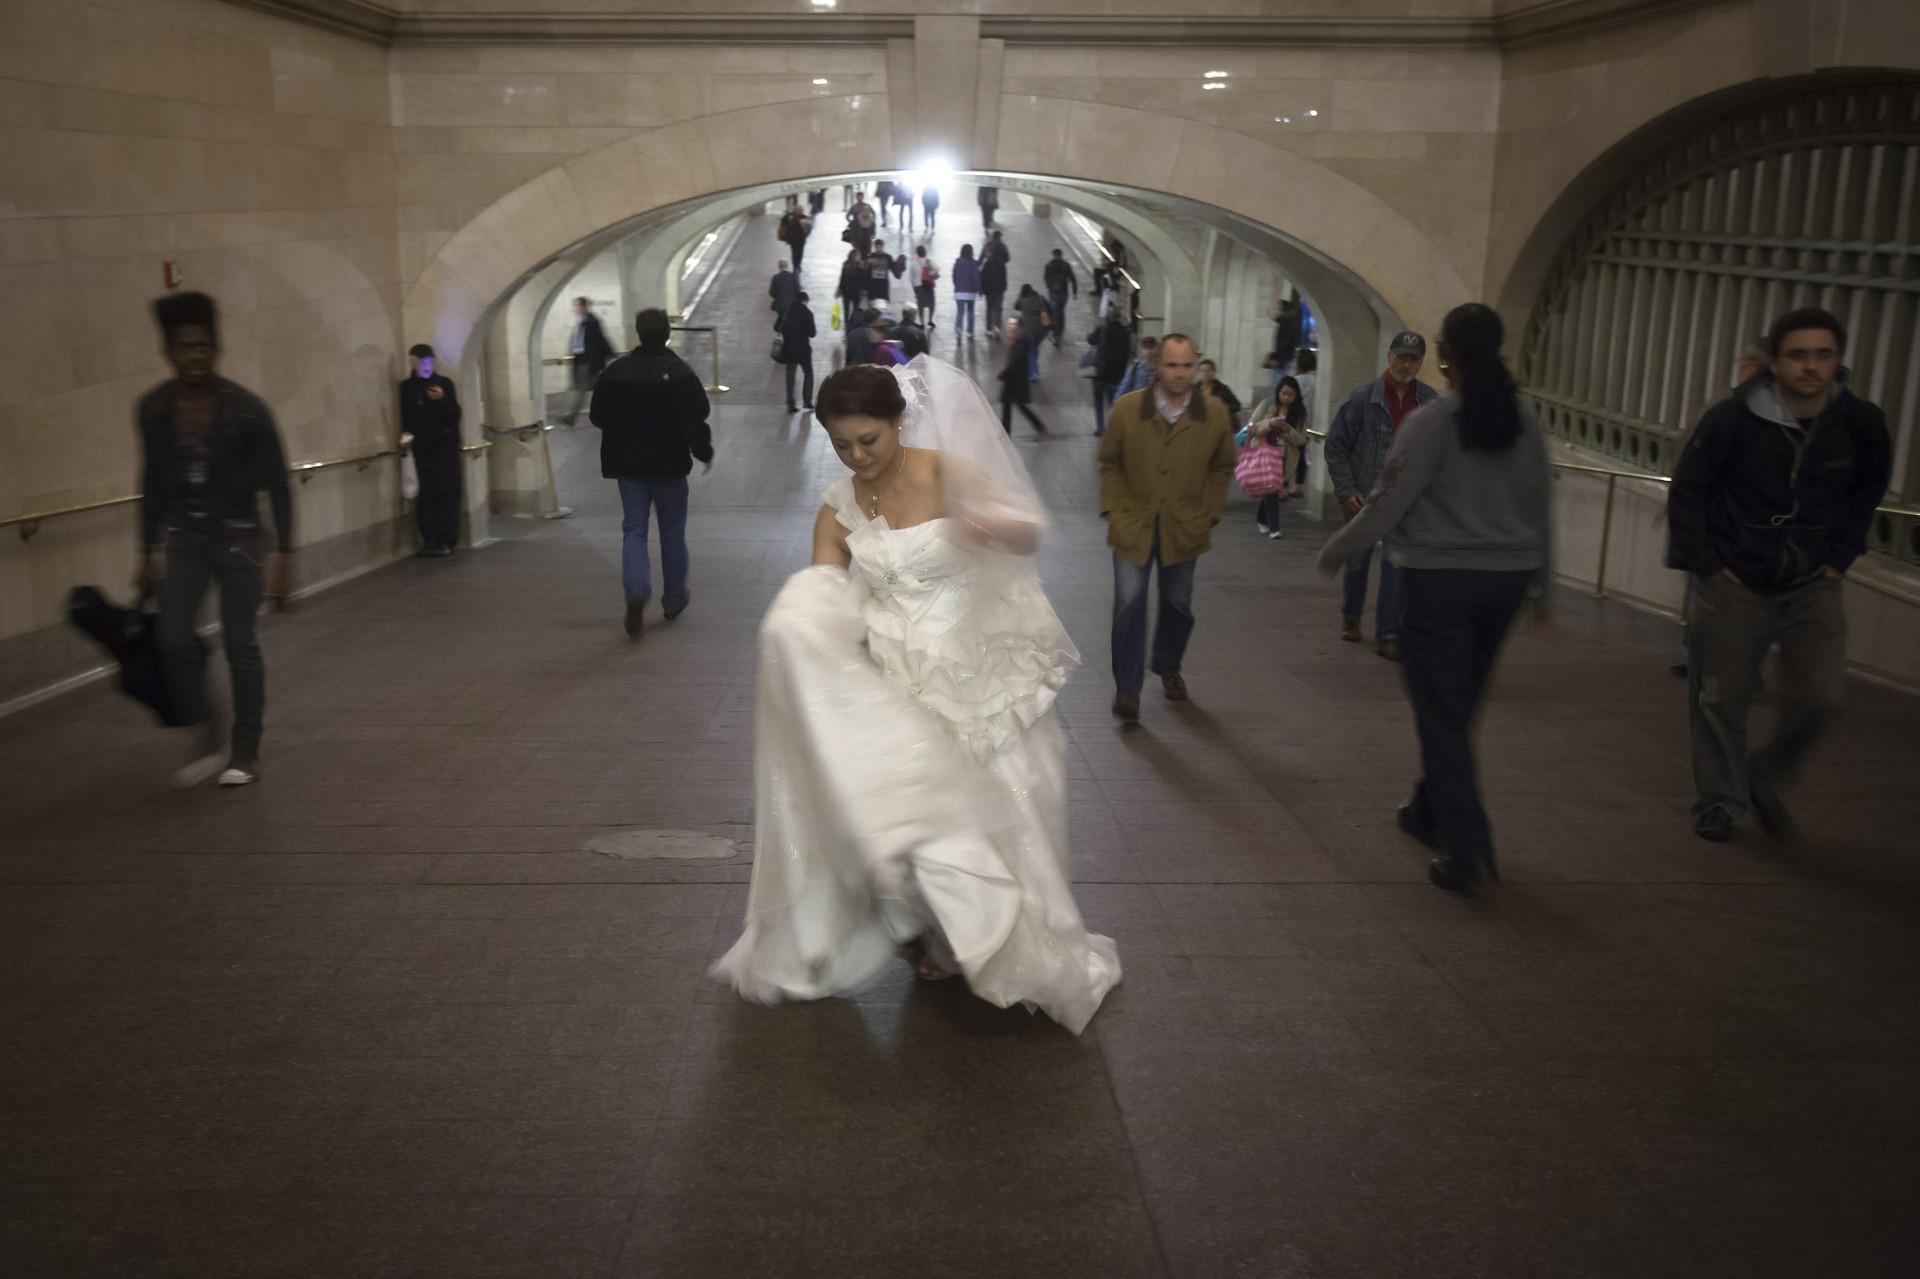 As mais insólitas fotografias de casamento (Porque nem tudo corre bem...)